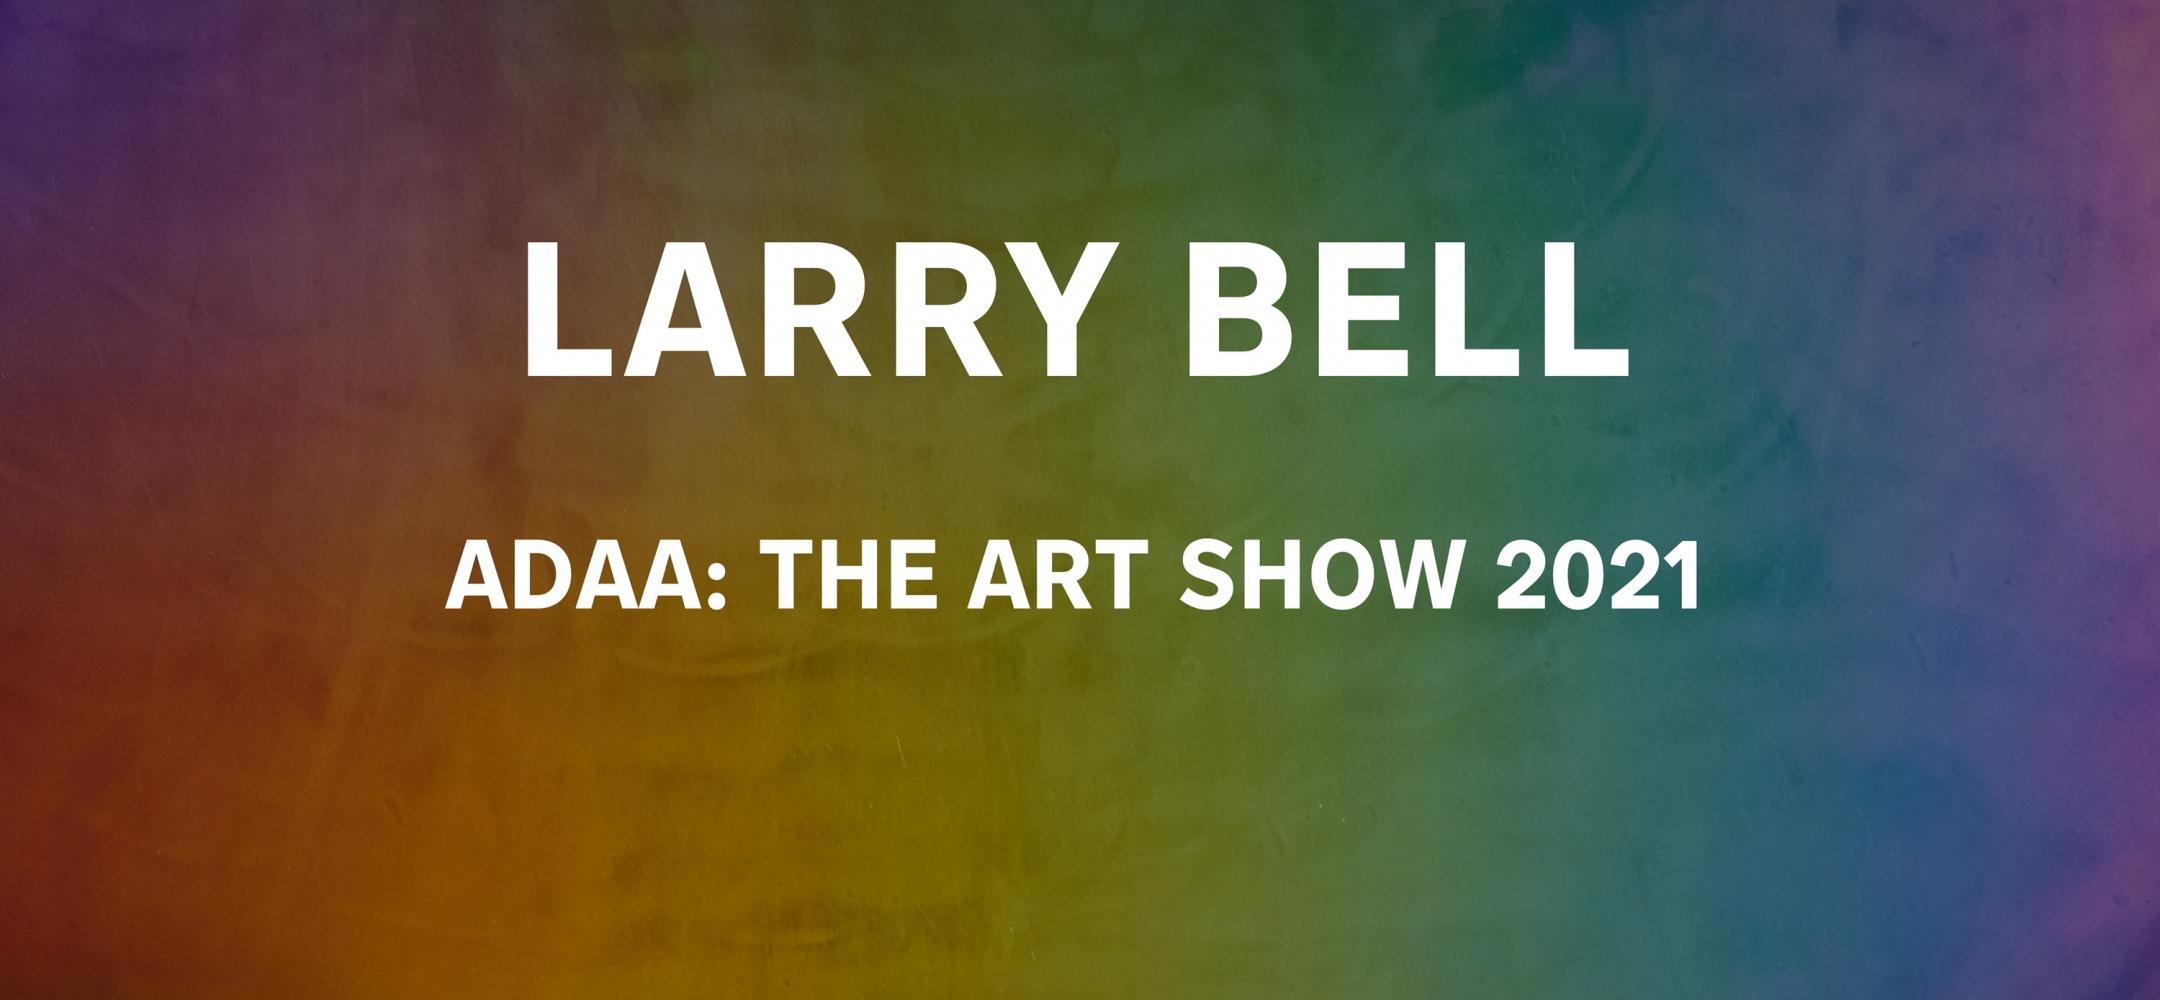 ADAA: The Art Show 2021 | LARRY BELL